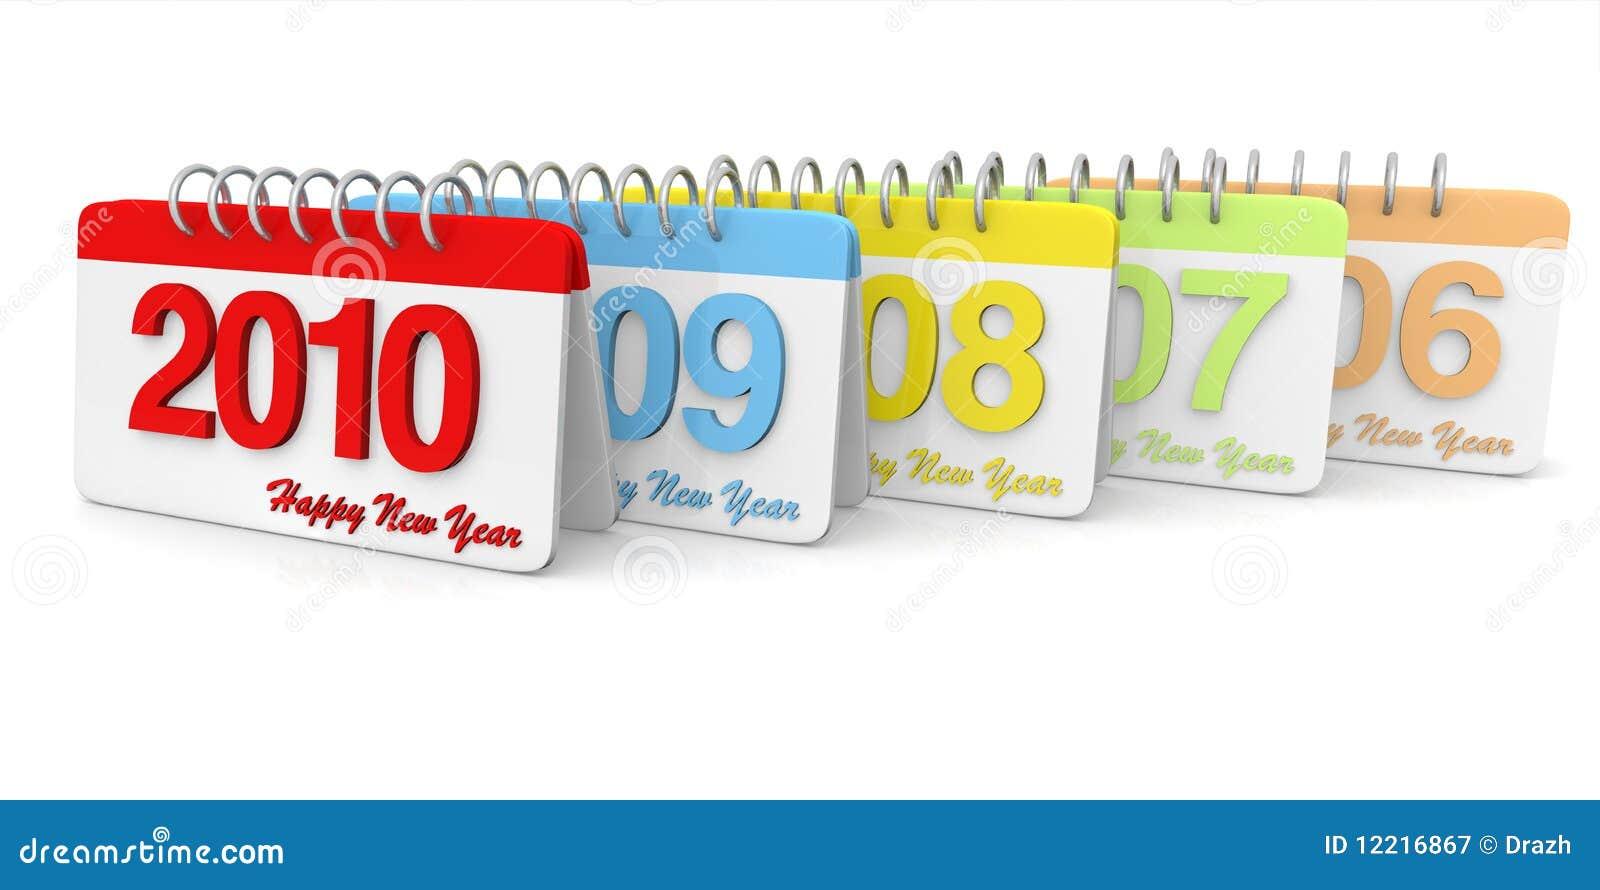 3D simple 2006 till 2010 Calendar